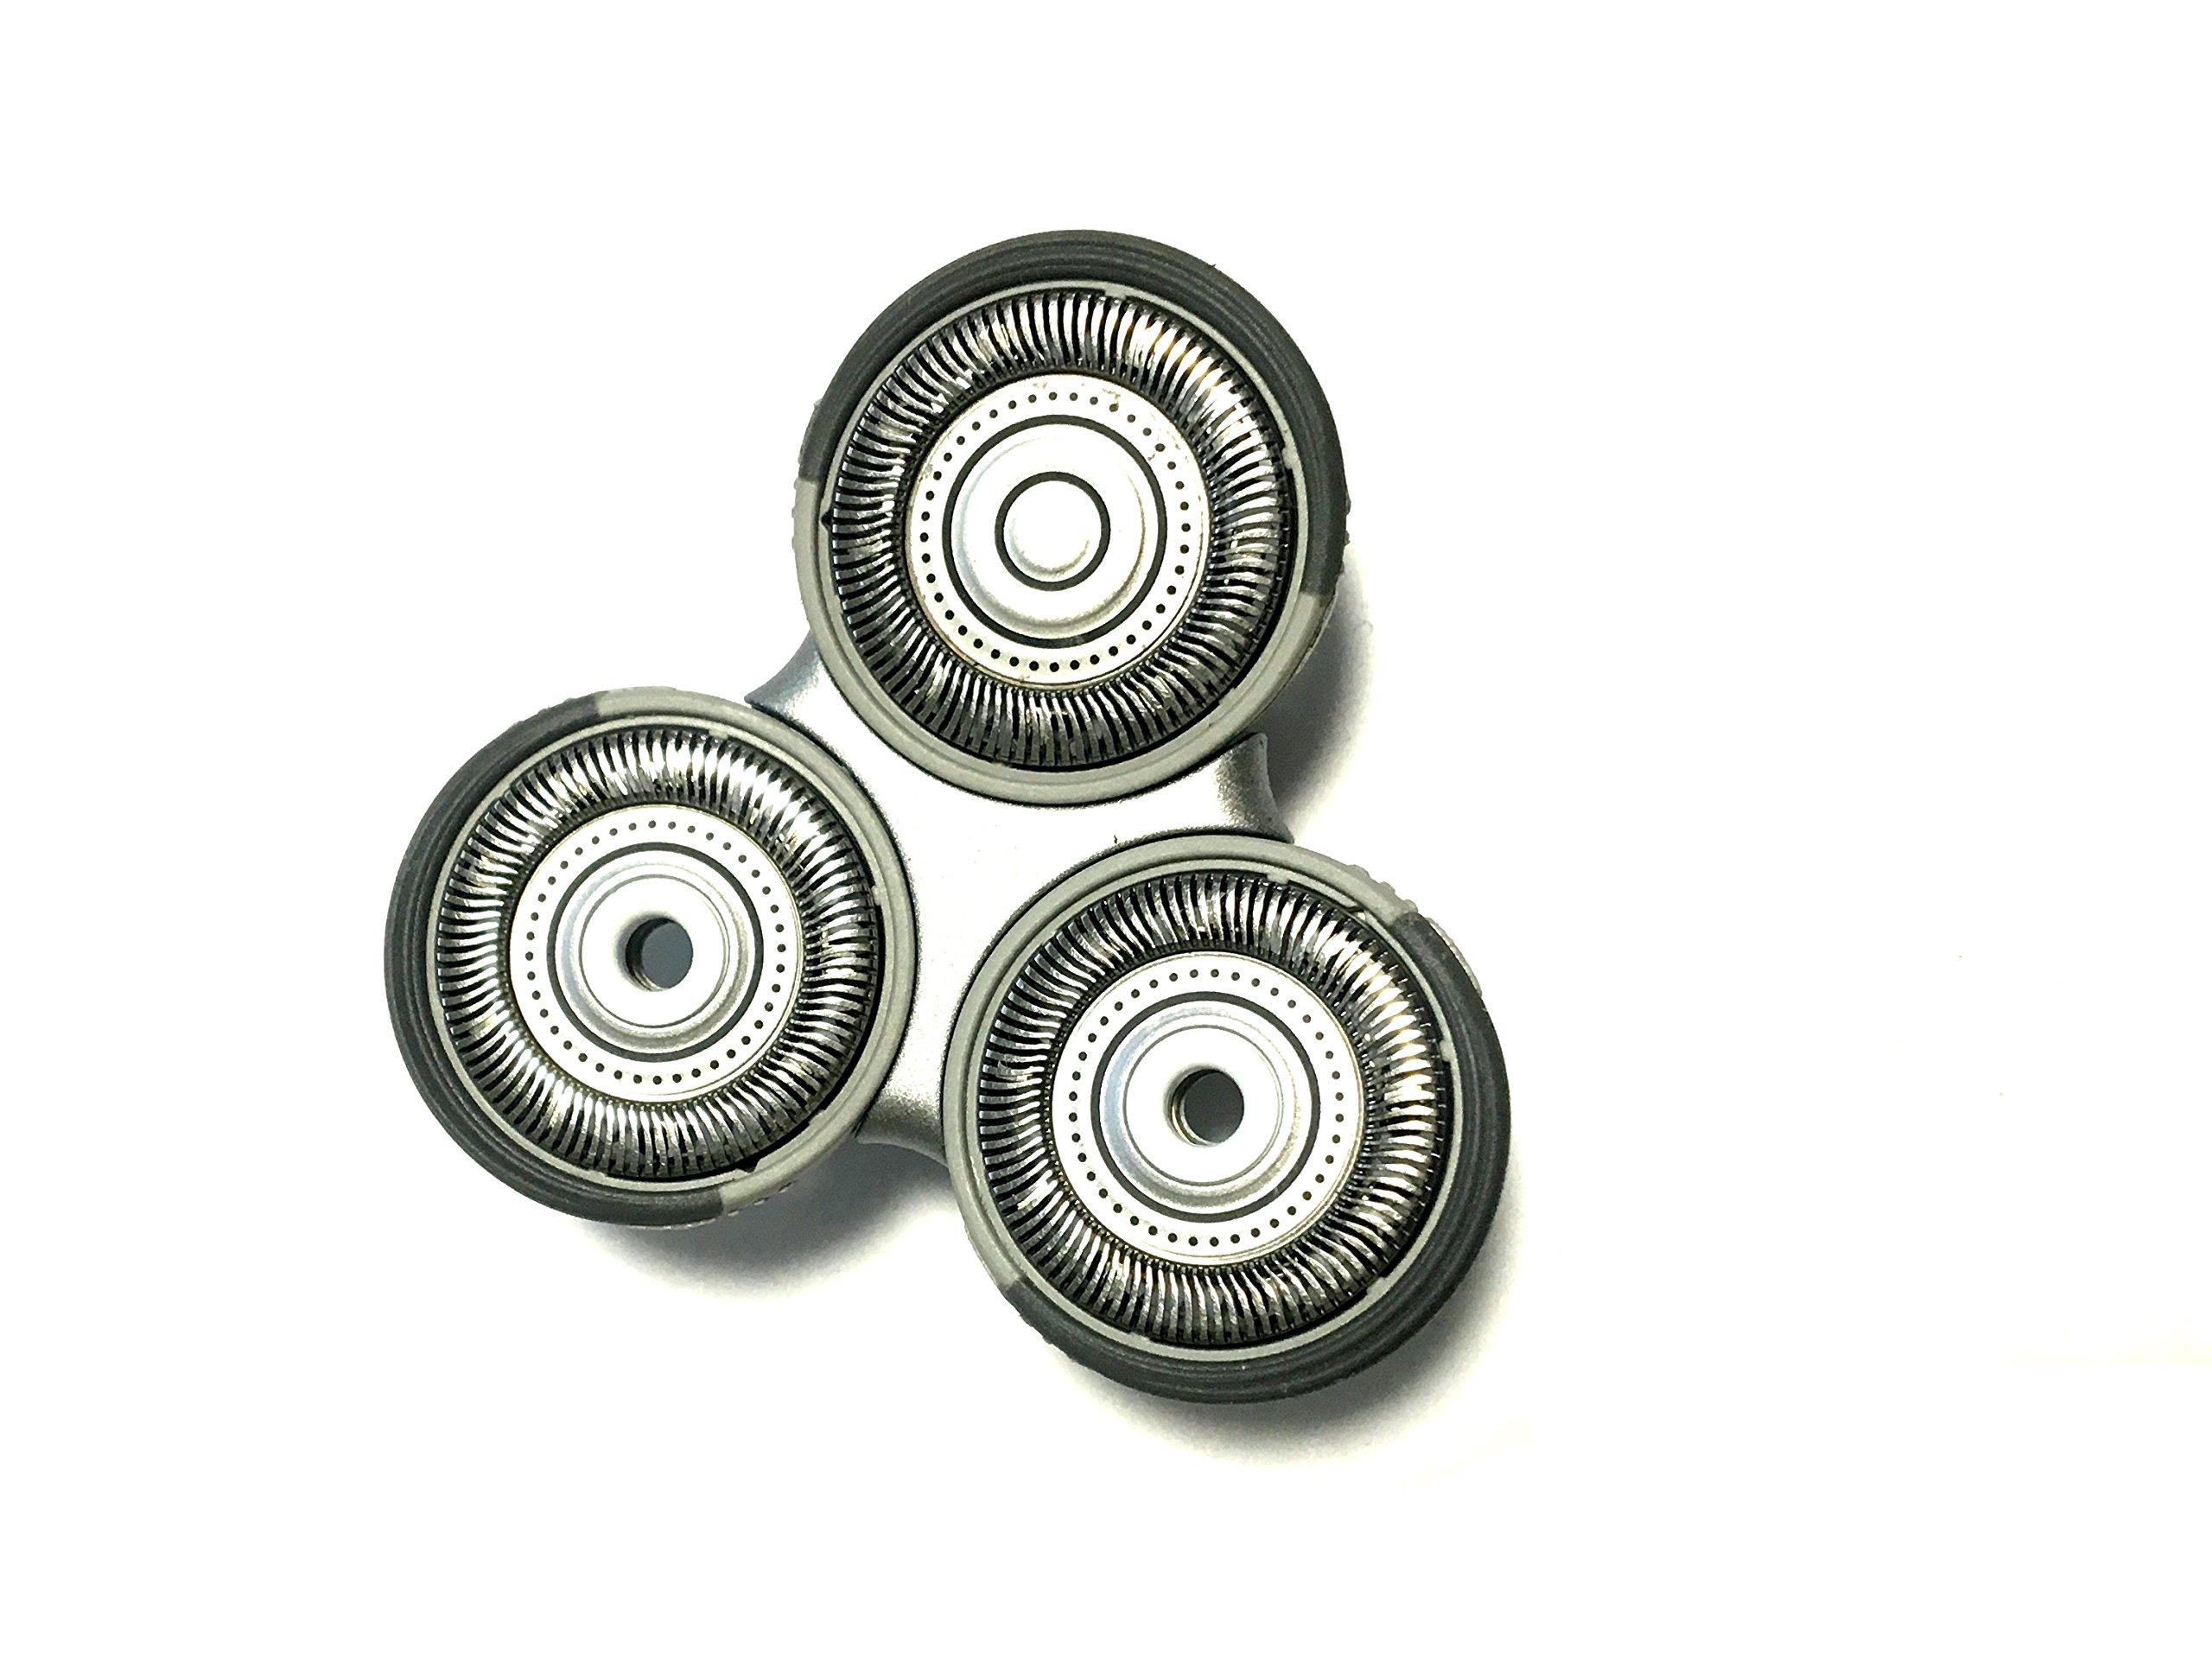 Full set of Replacement Shaver Head Compatible Norelco HS8020 HS8040 HS8460 HS8023 HS8420 HS8020X HS8421 HS8440